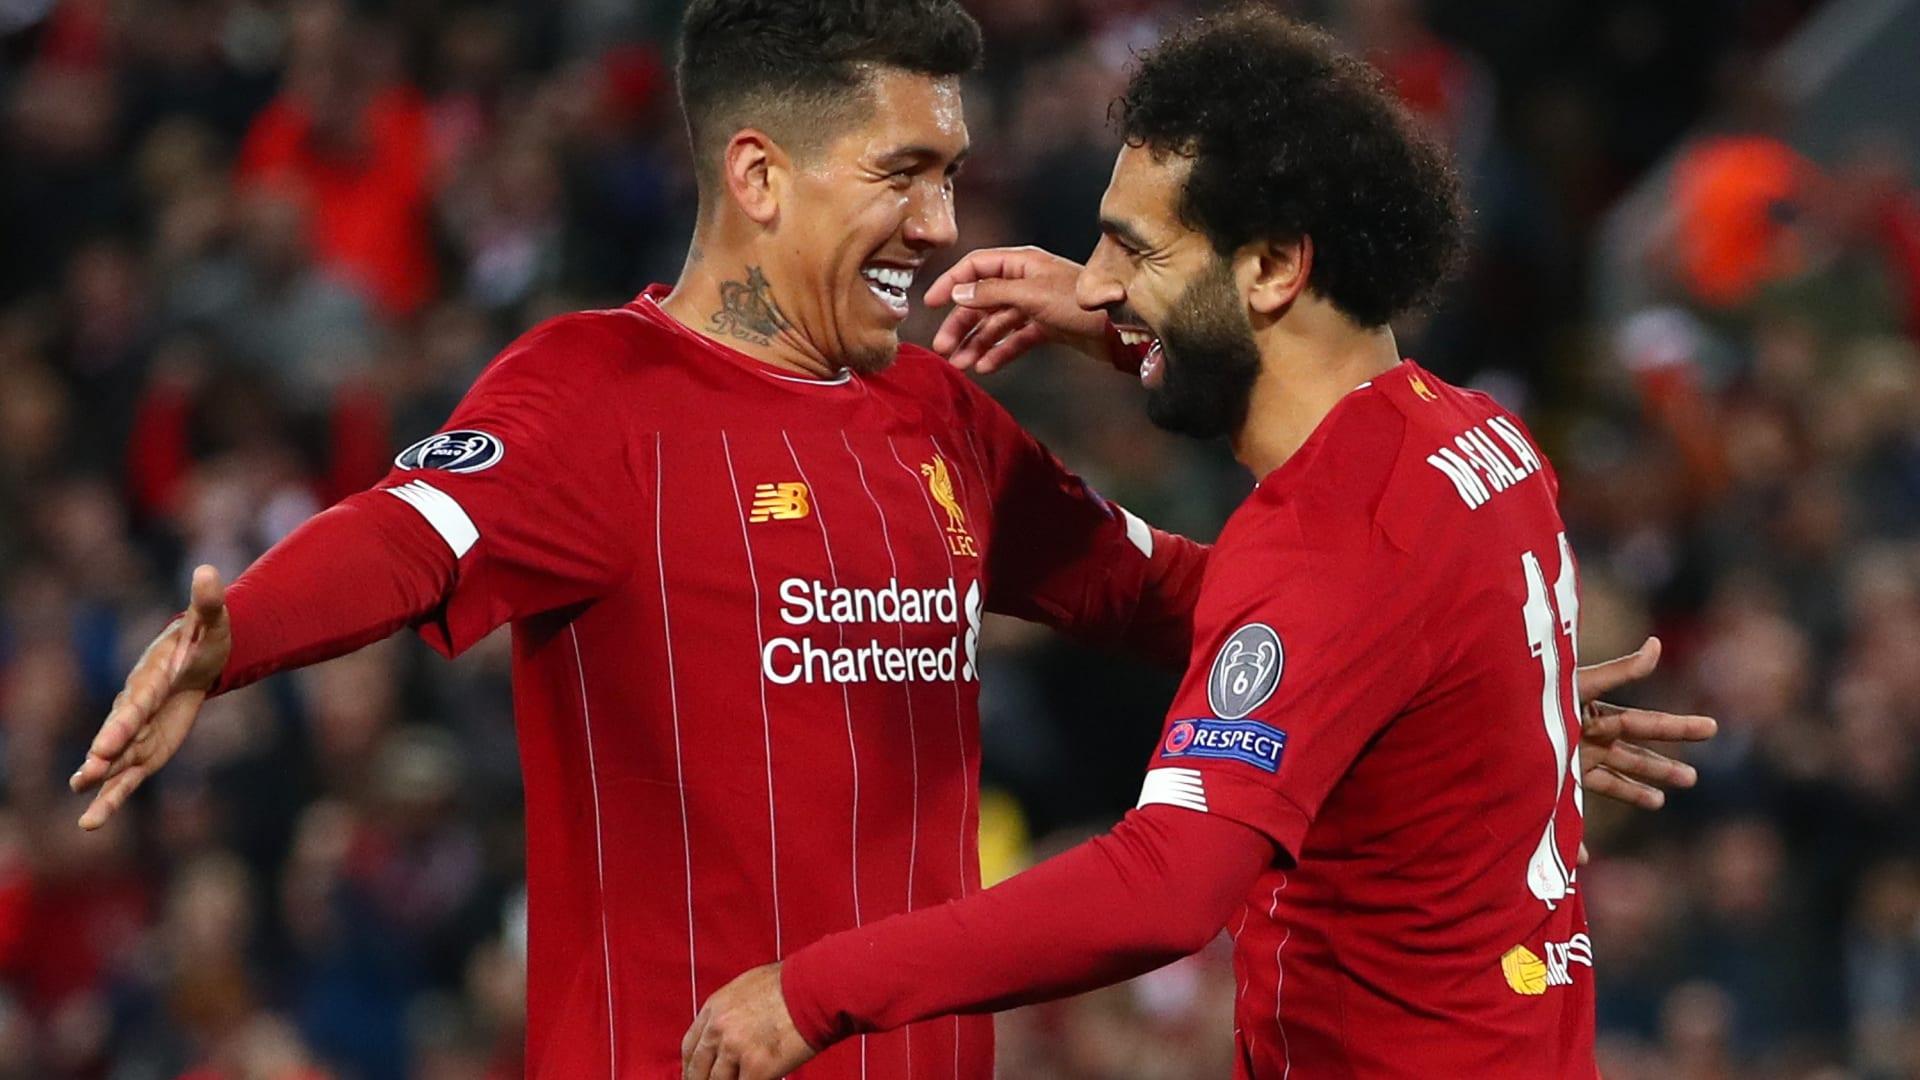 هل أصبح ليفربول الفريق الأفضل في العالم؟